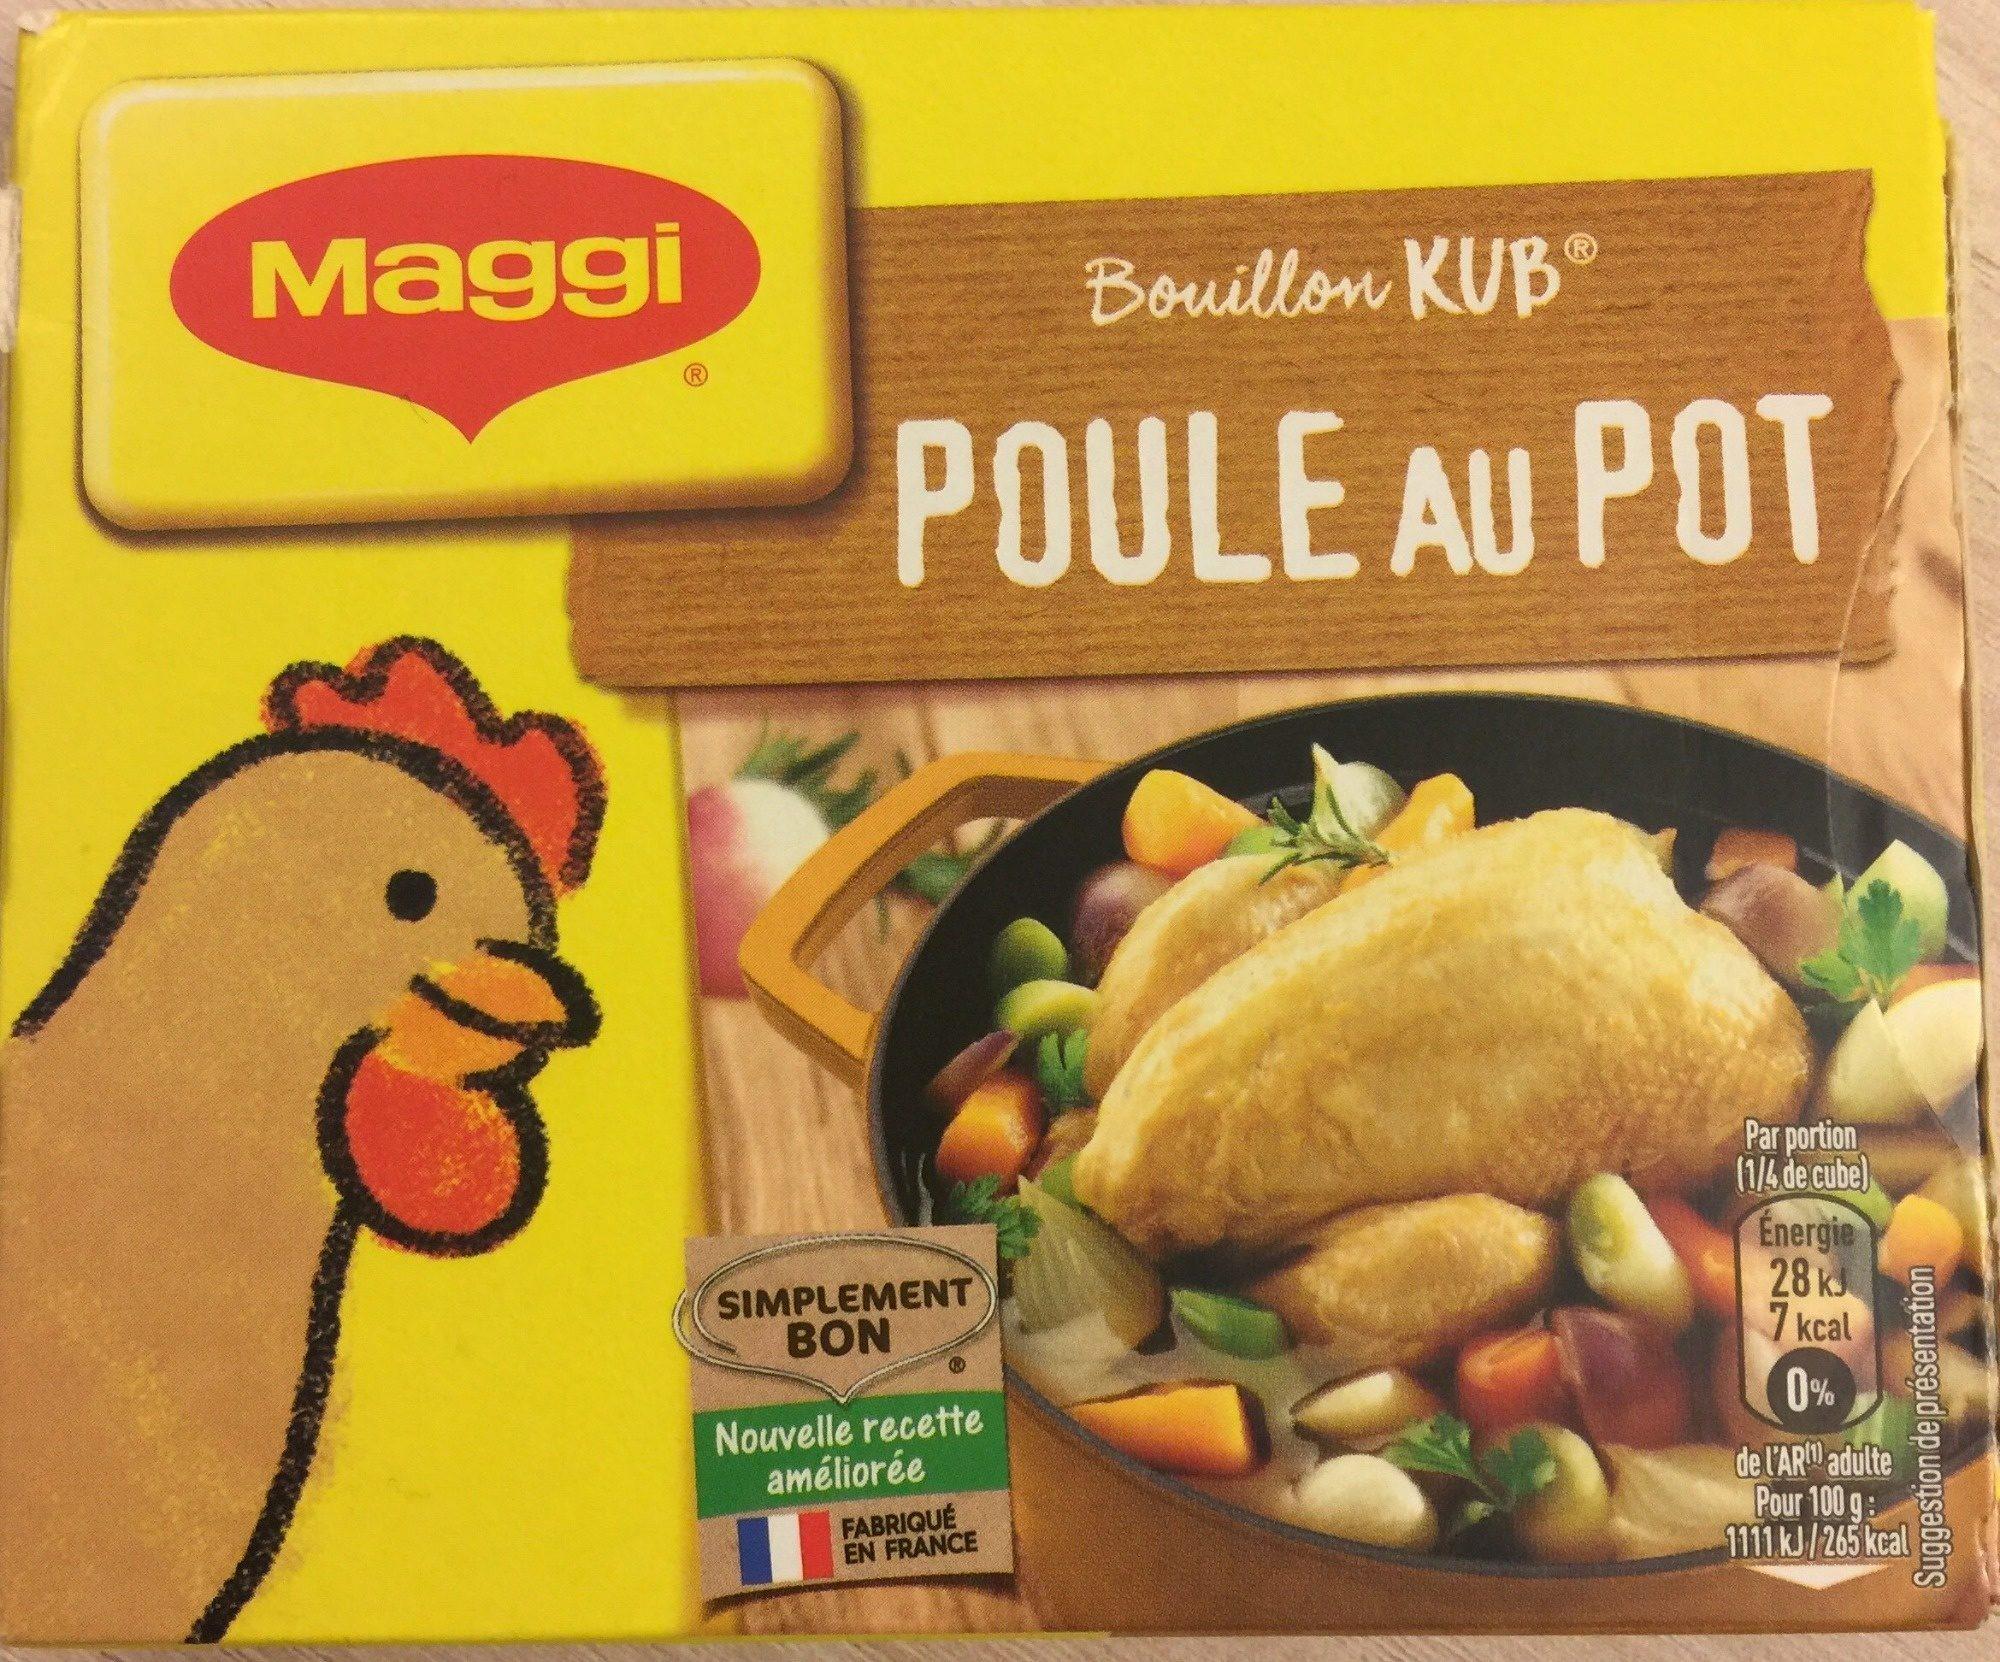 Bouillon Kub Poule au Pot - Product - fr